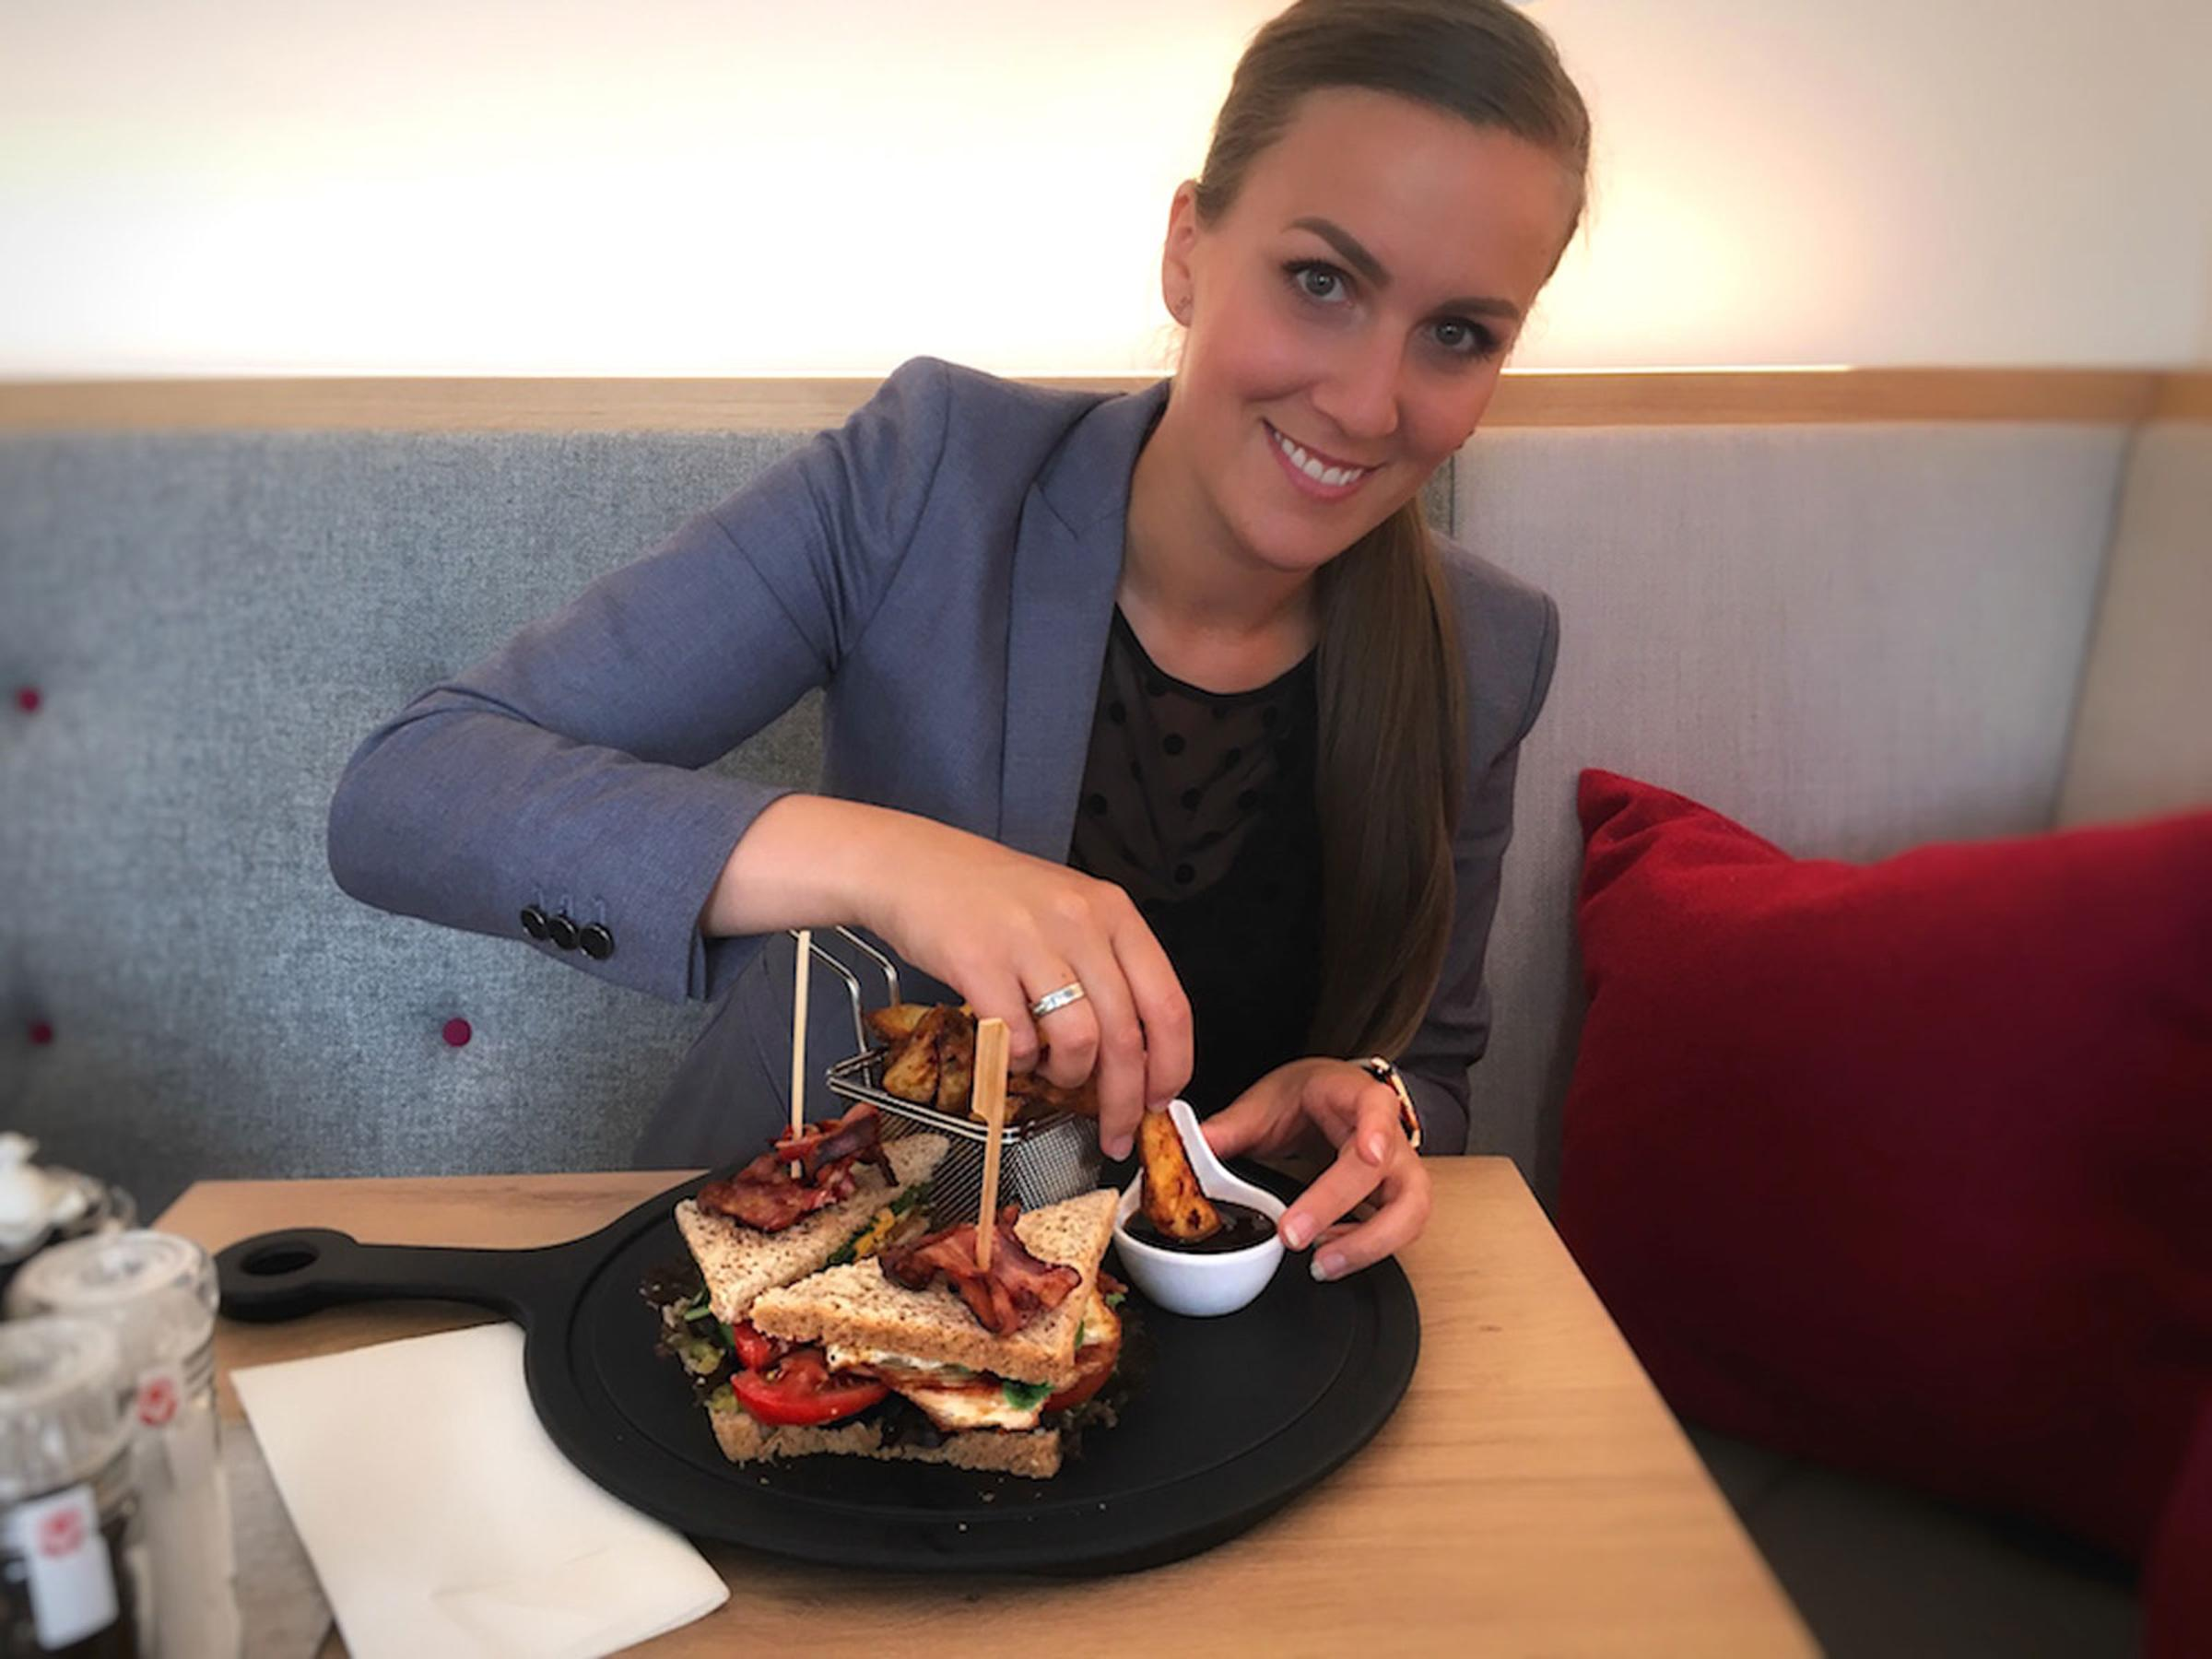 Munchner Umland Top 12 Restaurants Bianca S Blogbiancas Blog